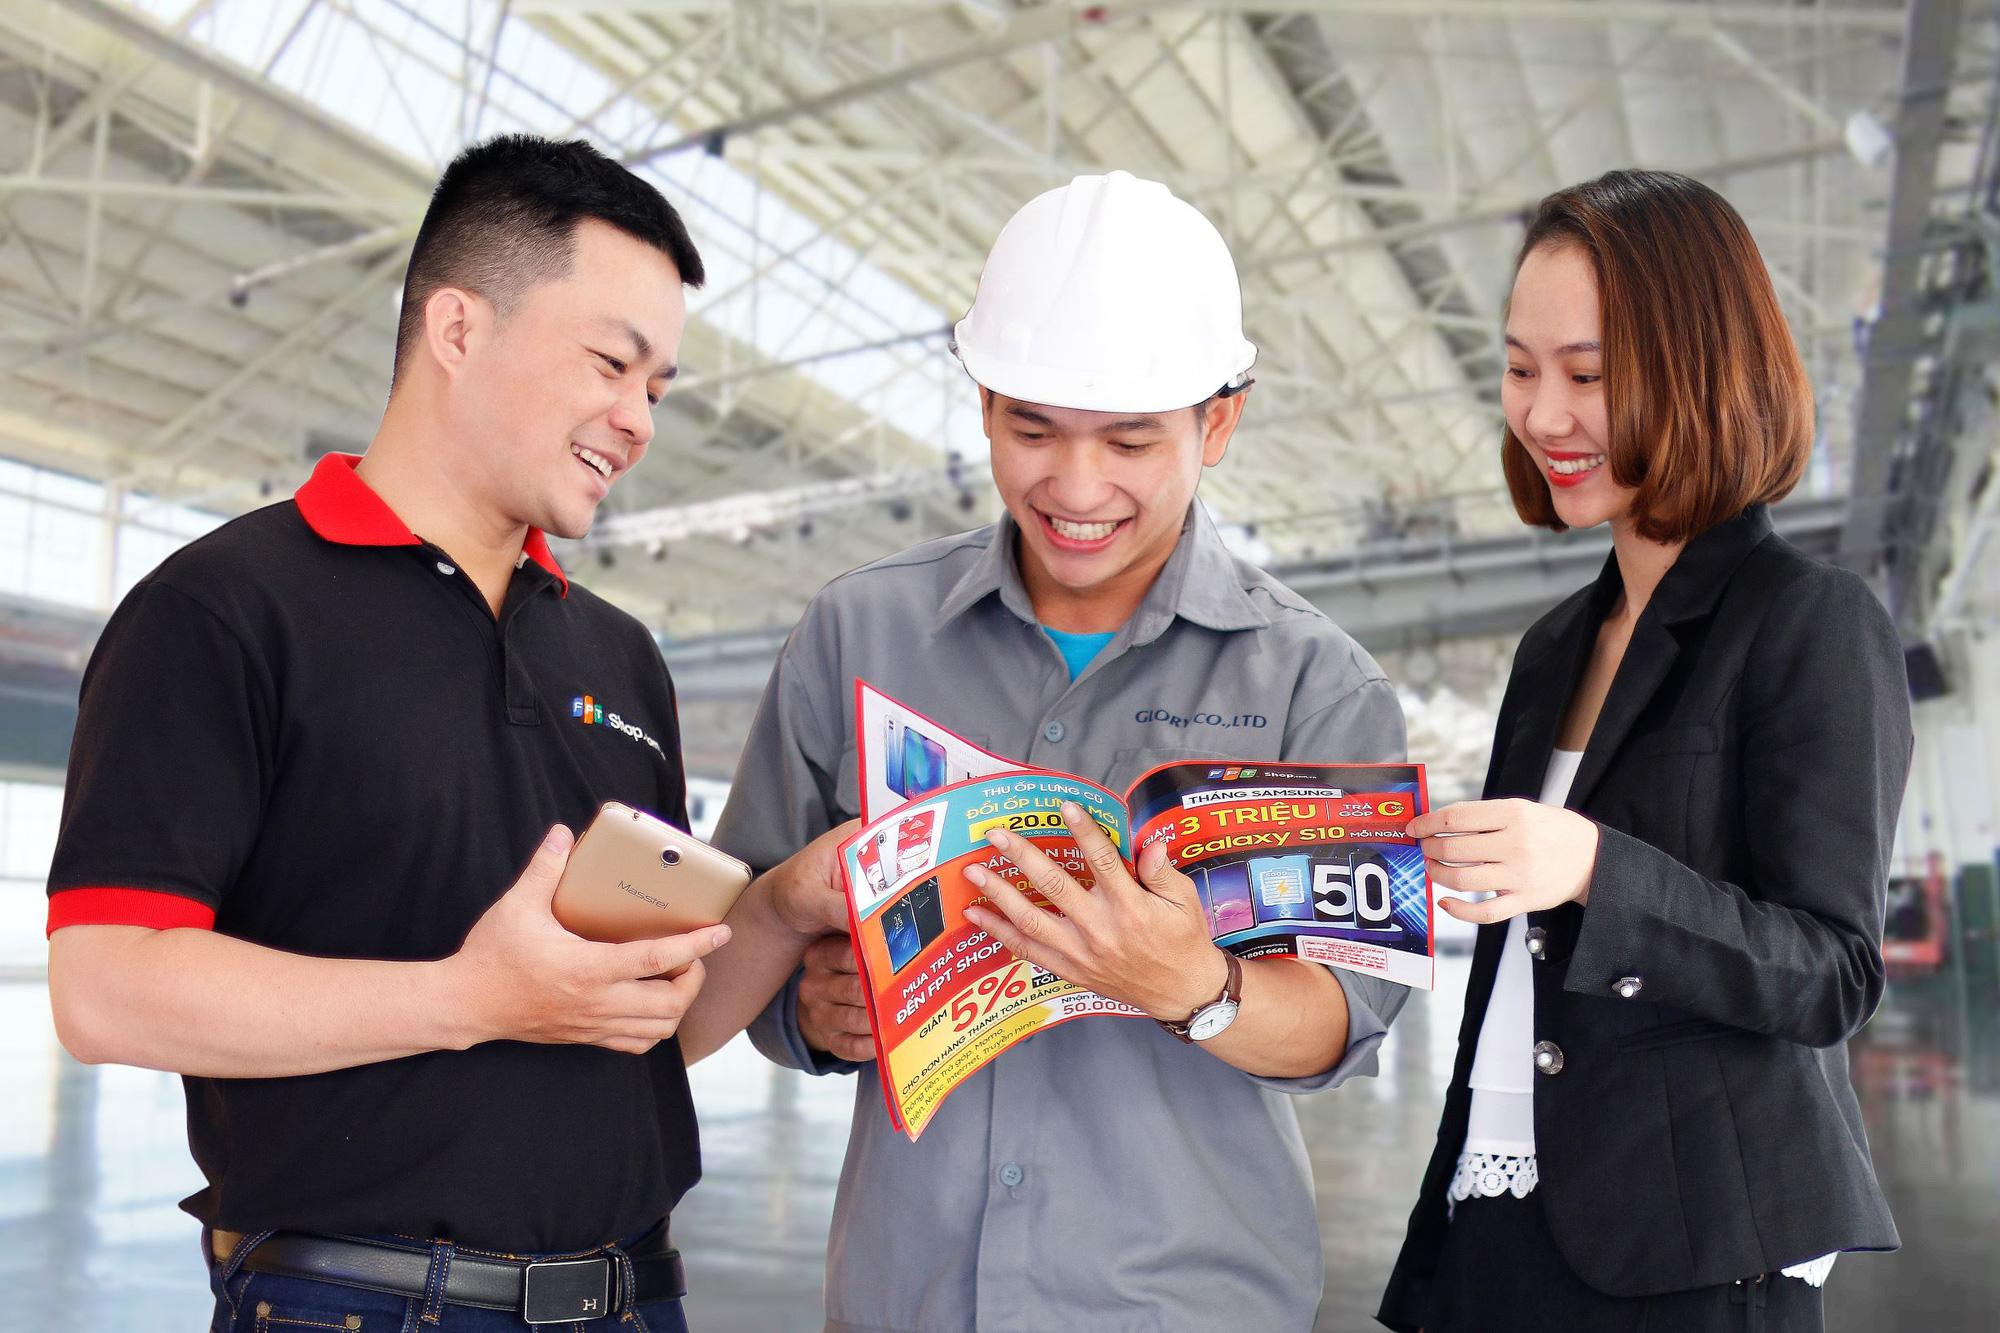 FPT Shop mở rộng khách hàng dự án, cam kết giá tốt nhất thị trường - Ảnh 1.